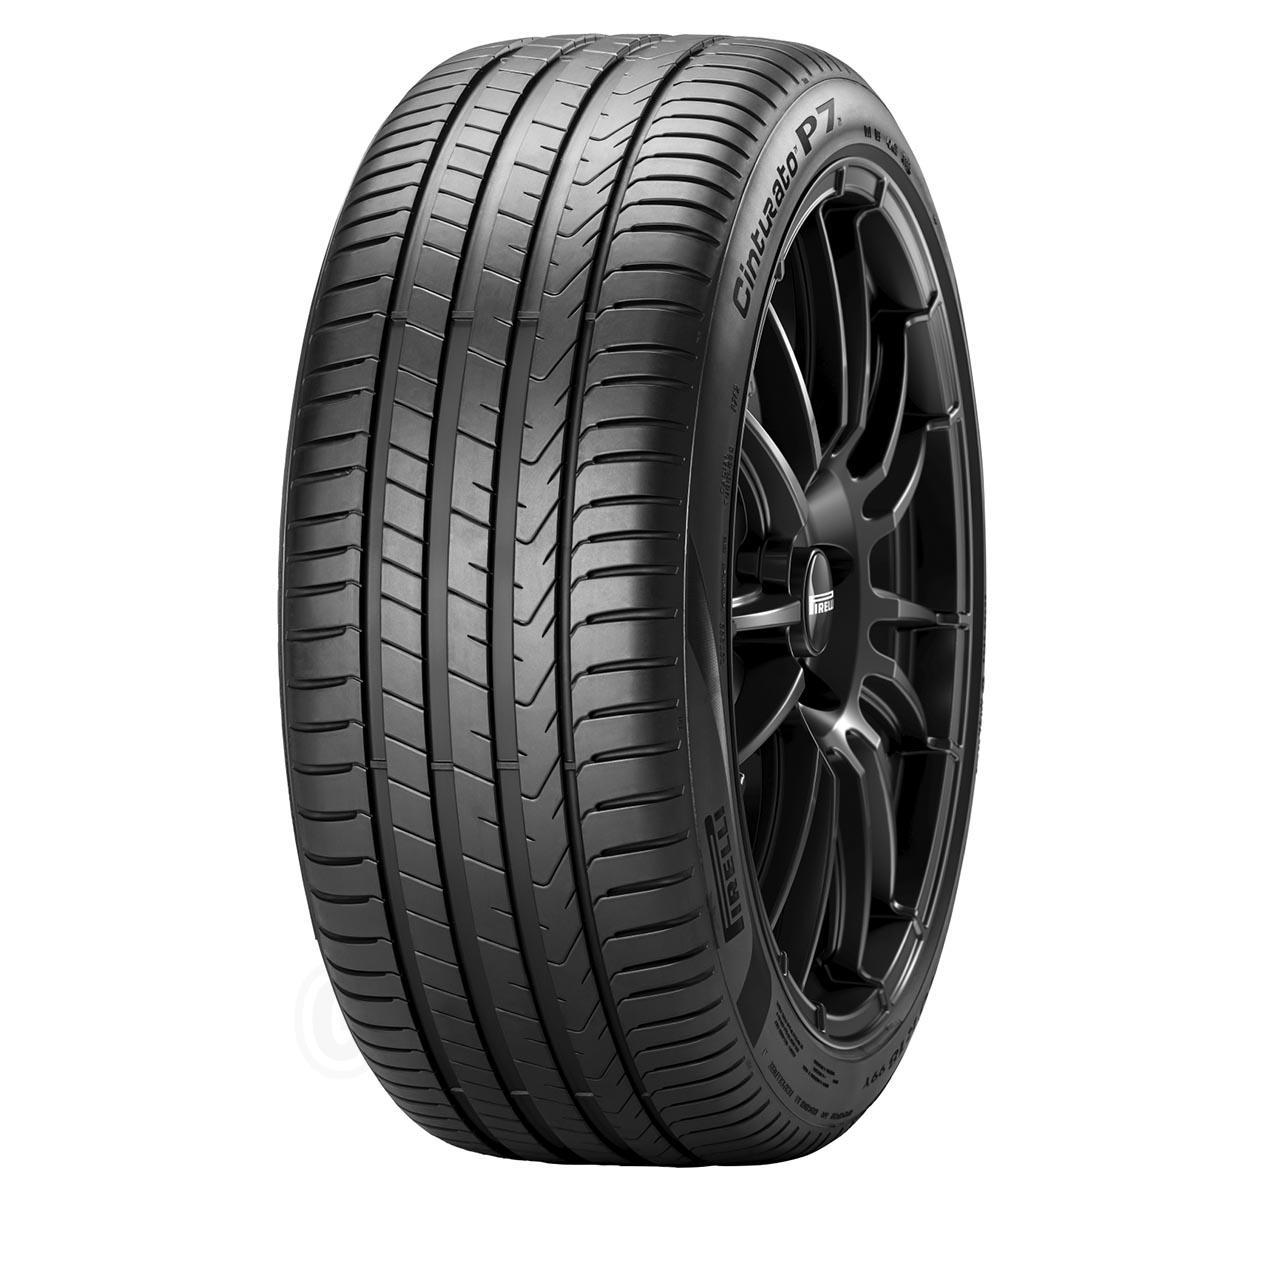 Pirelli Cinturato P7 C2 225/45R17 91Y MFS AO